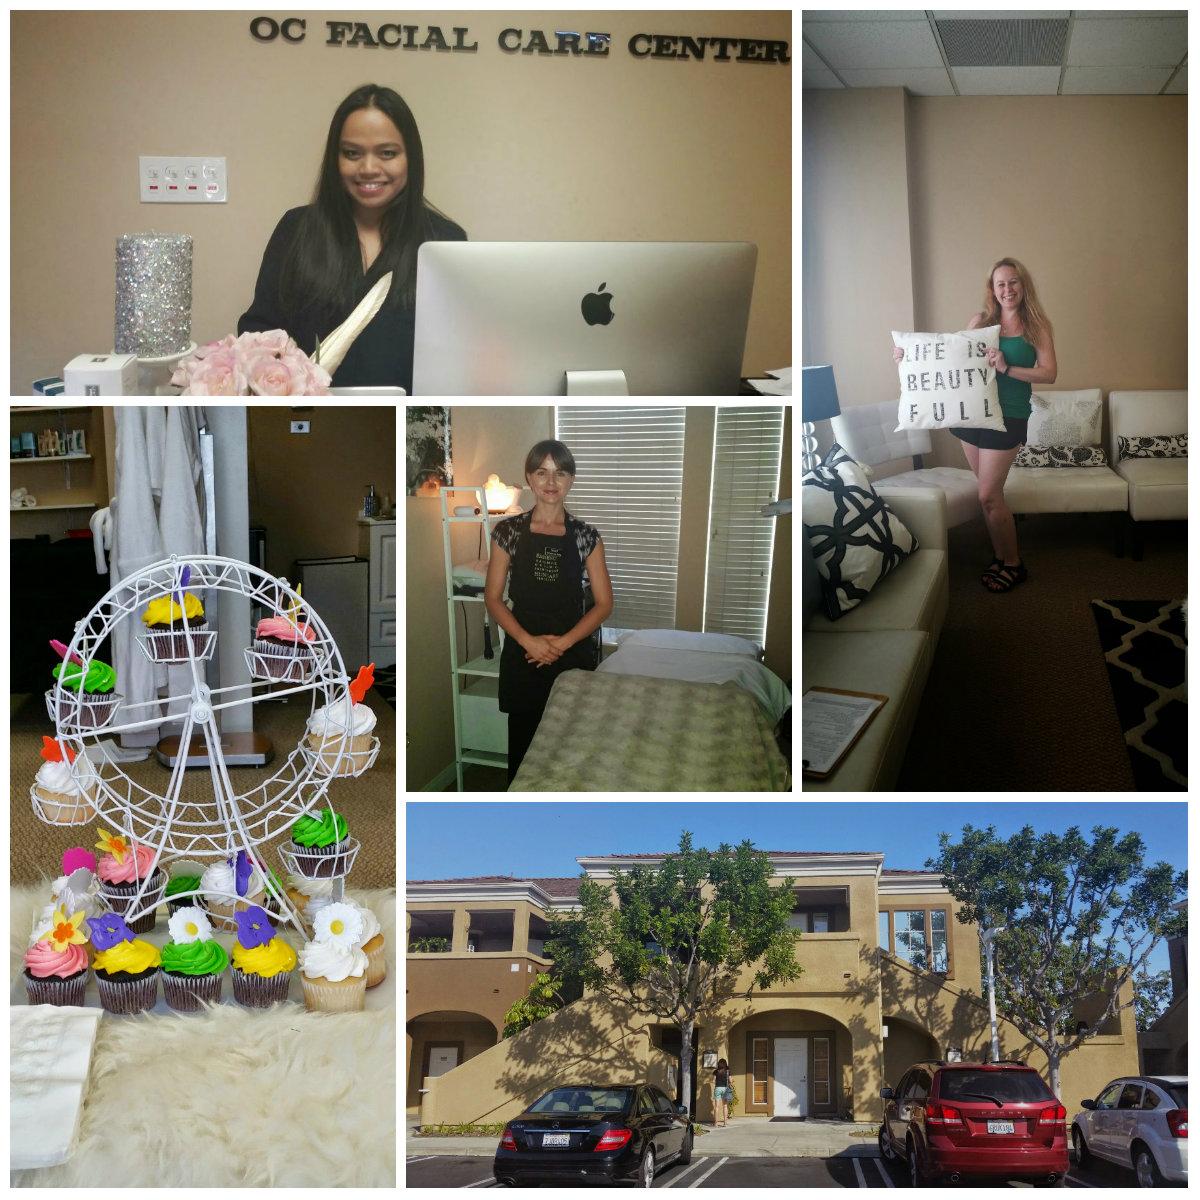 Facial care center in the